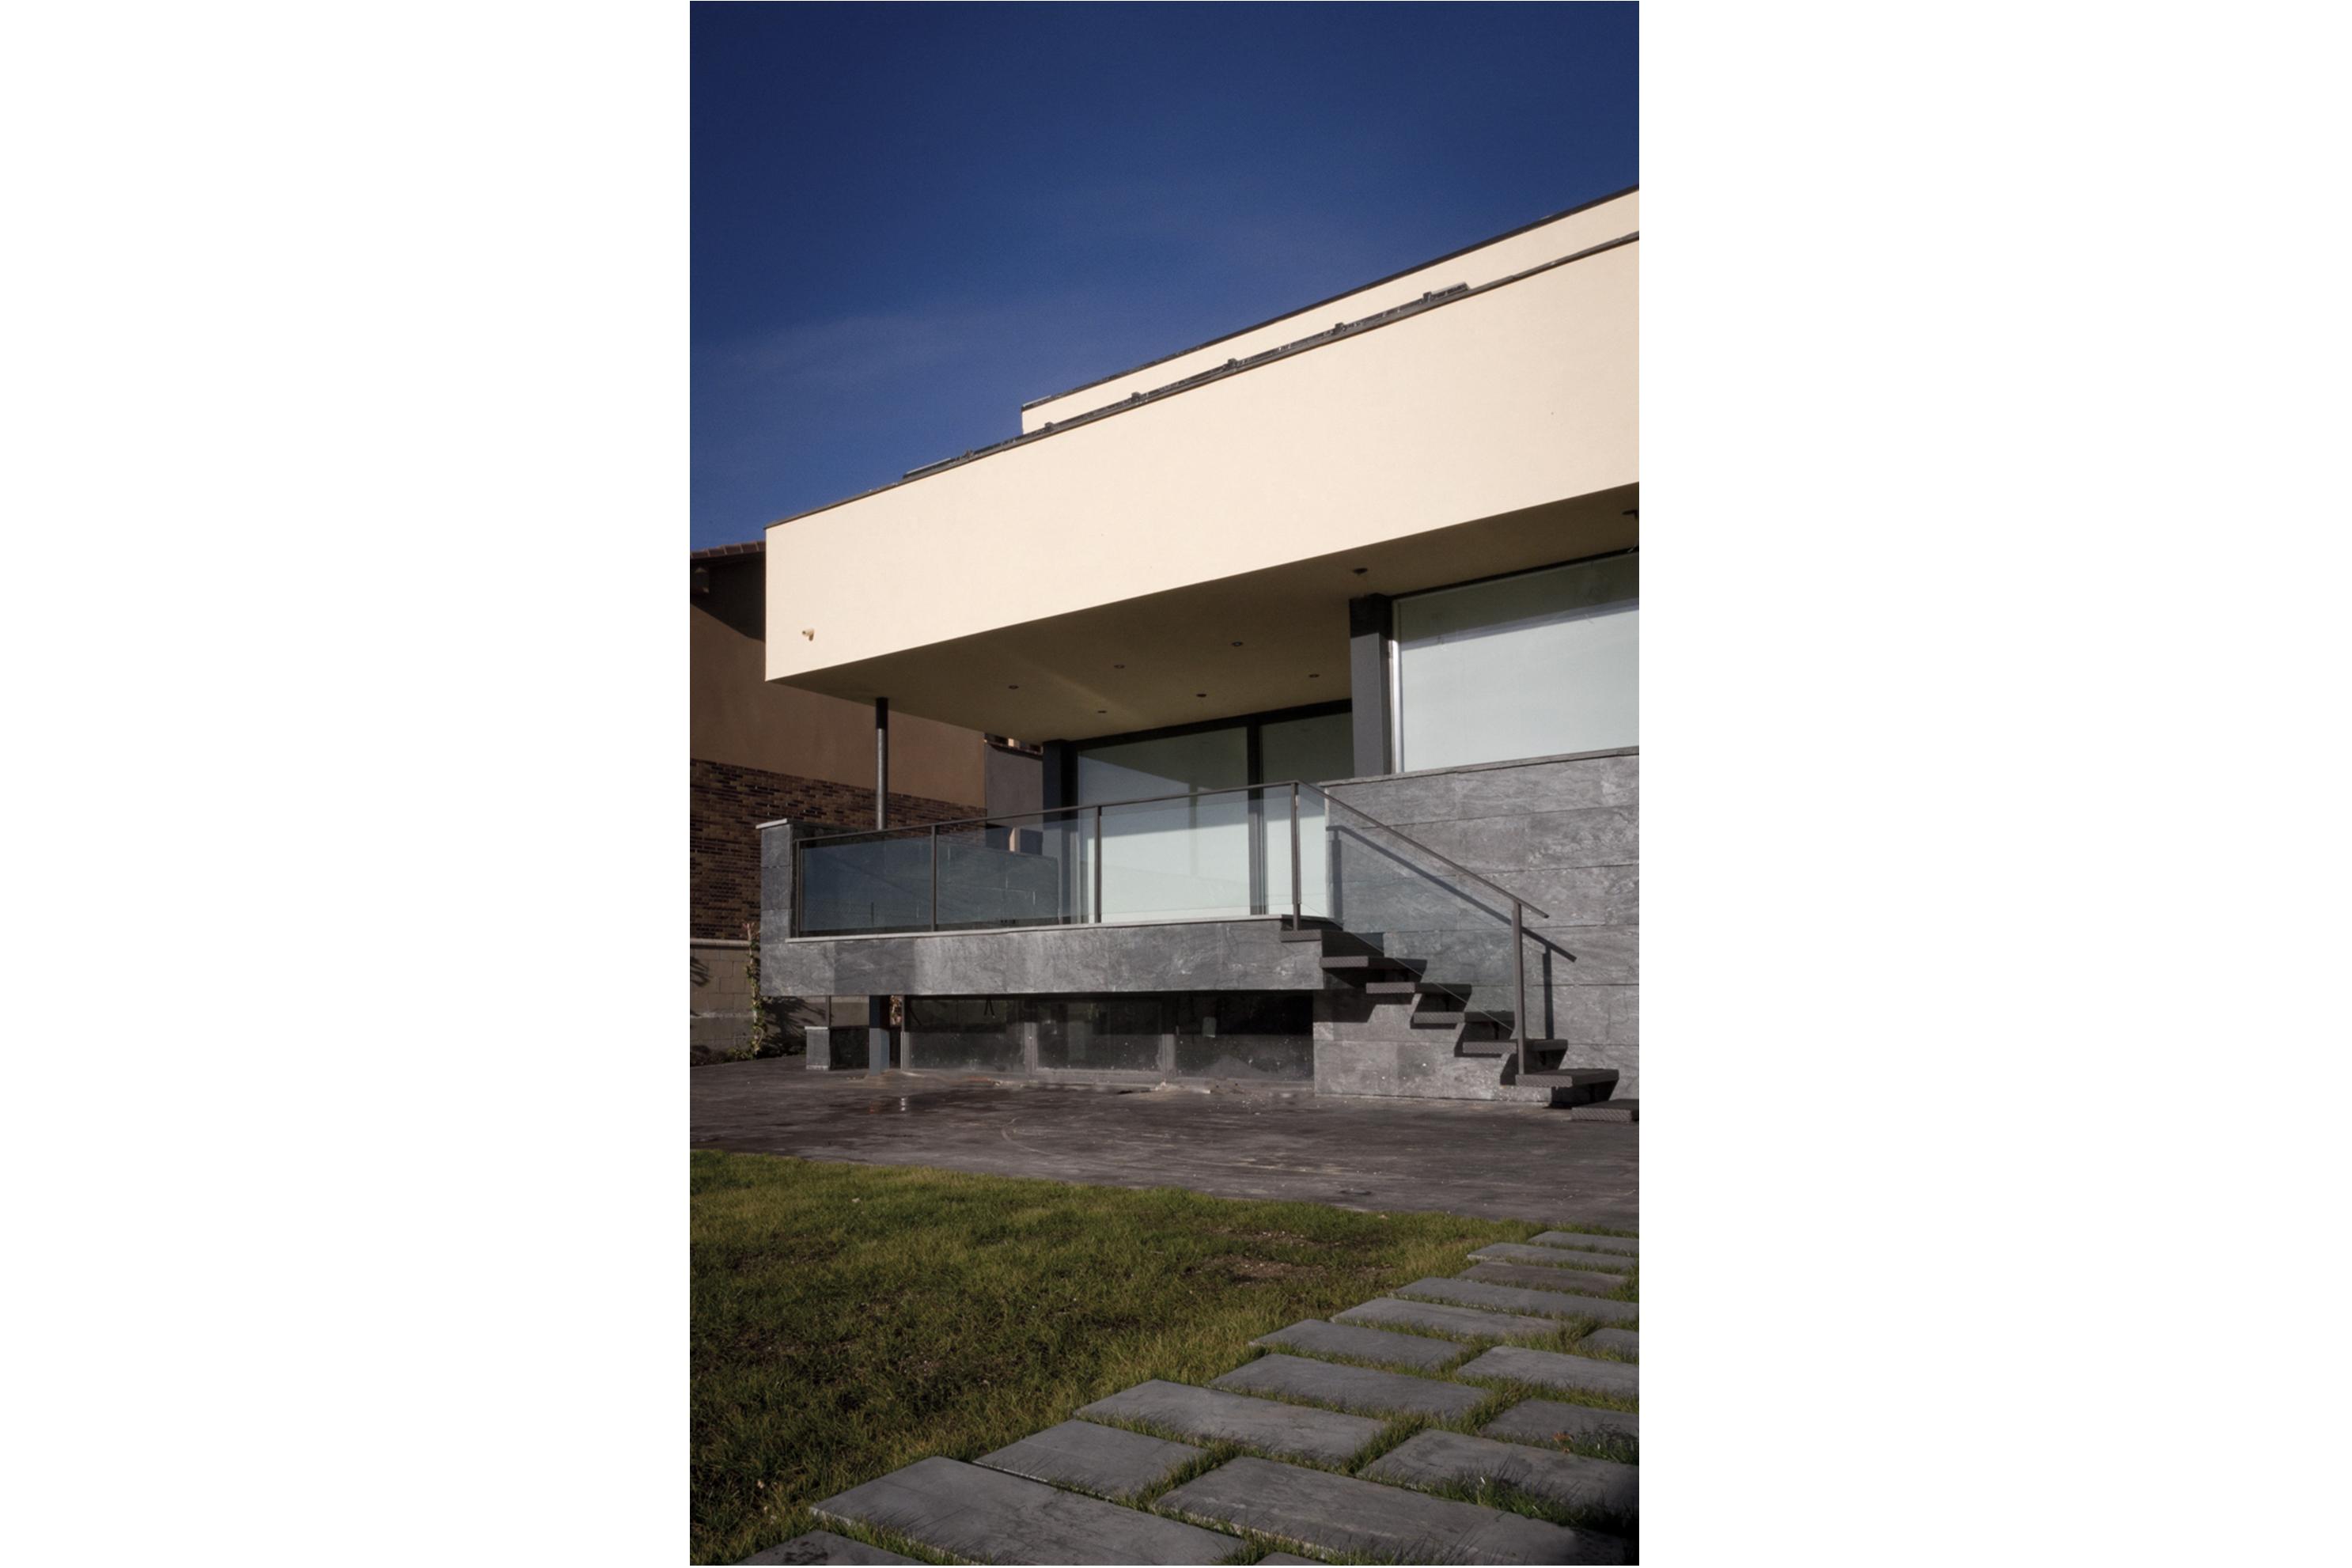 Vivienda en segovia david olmos arquitectos - Arquitectos en segovia ...